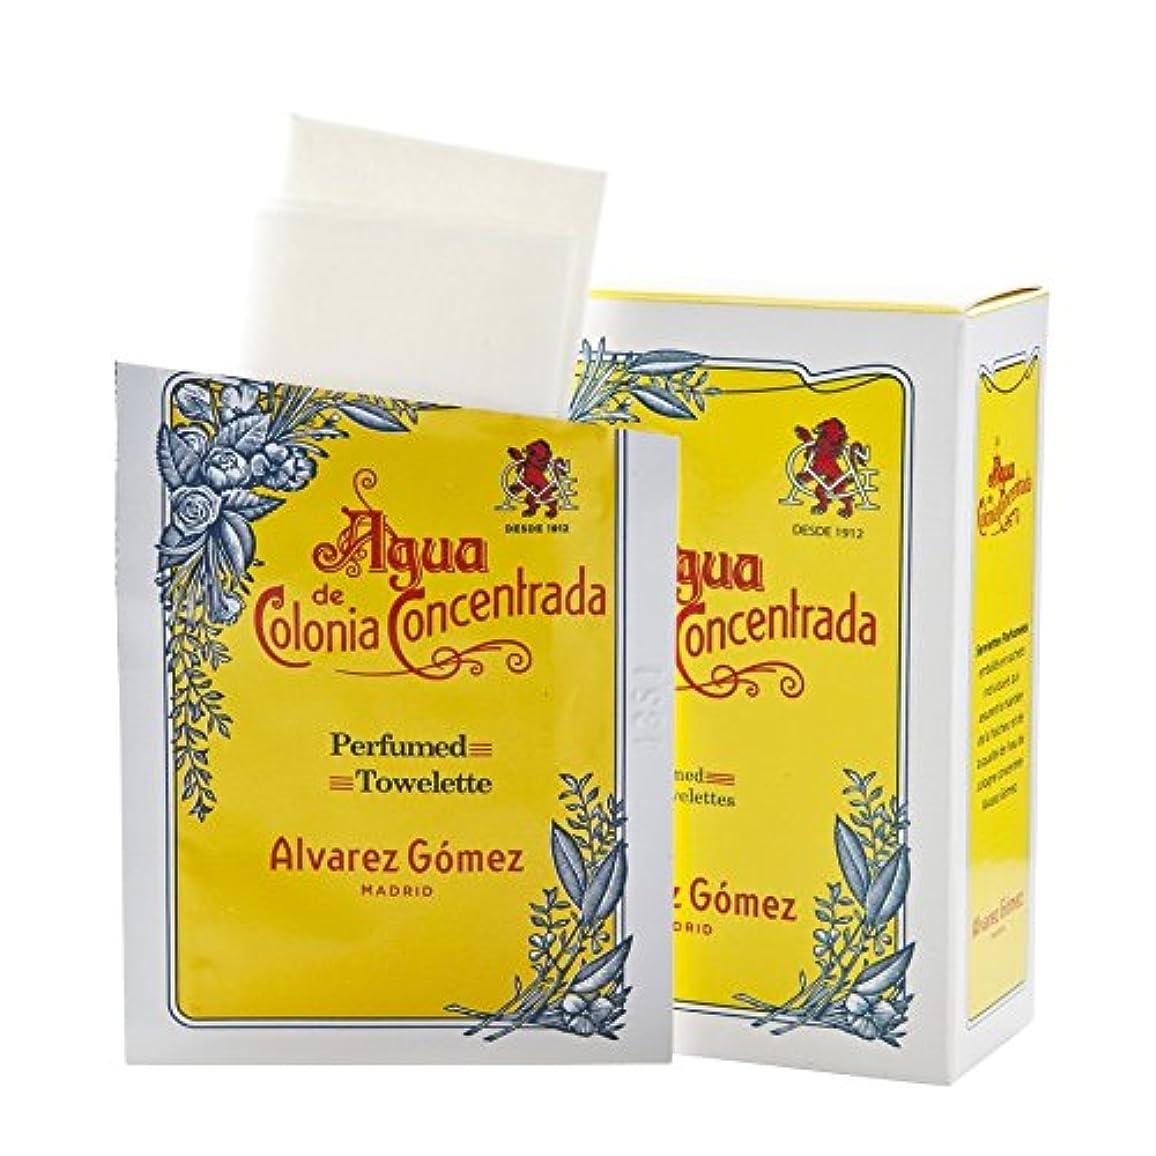 間違えた現在警察?lvarez G?mez Agua de Colonia Concentrada Refreshing Wipes - アルバレス?ゴメスアグア?デ?コロニアさわやかなワイプ [並行輸入品]